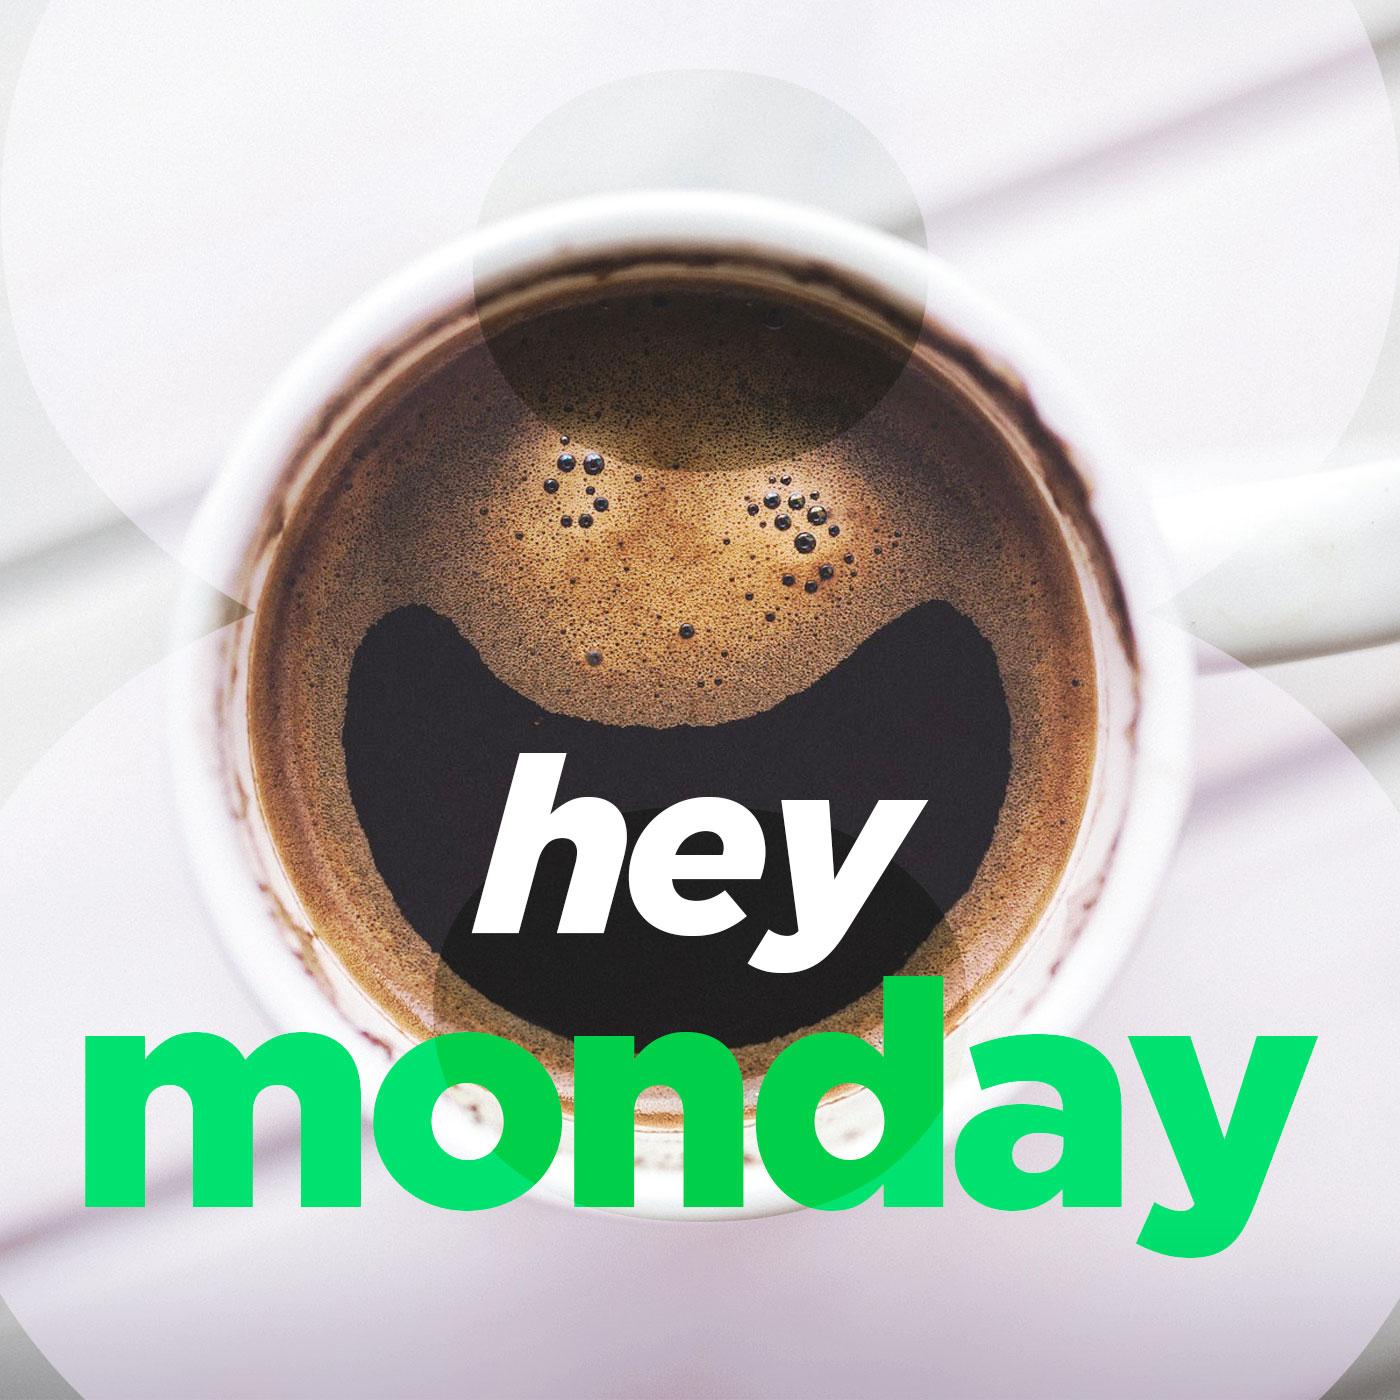 Hey Monday 8 03/25/18